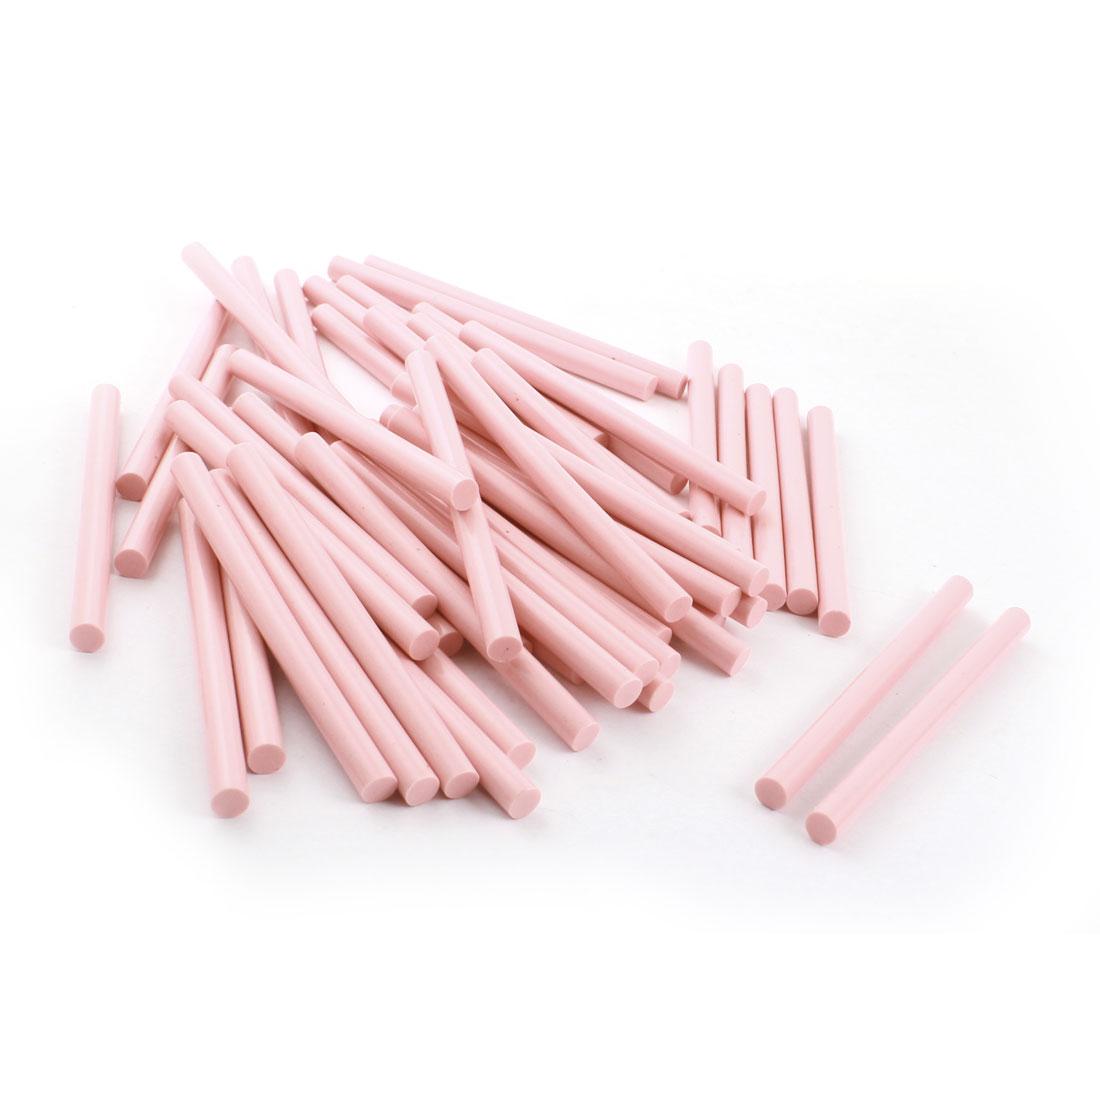 50 Pcs 7cm x 100mm Pink EVA Hot Melt Glue Gun Adhesive Sticks for Package Sealing